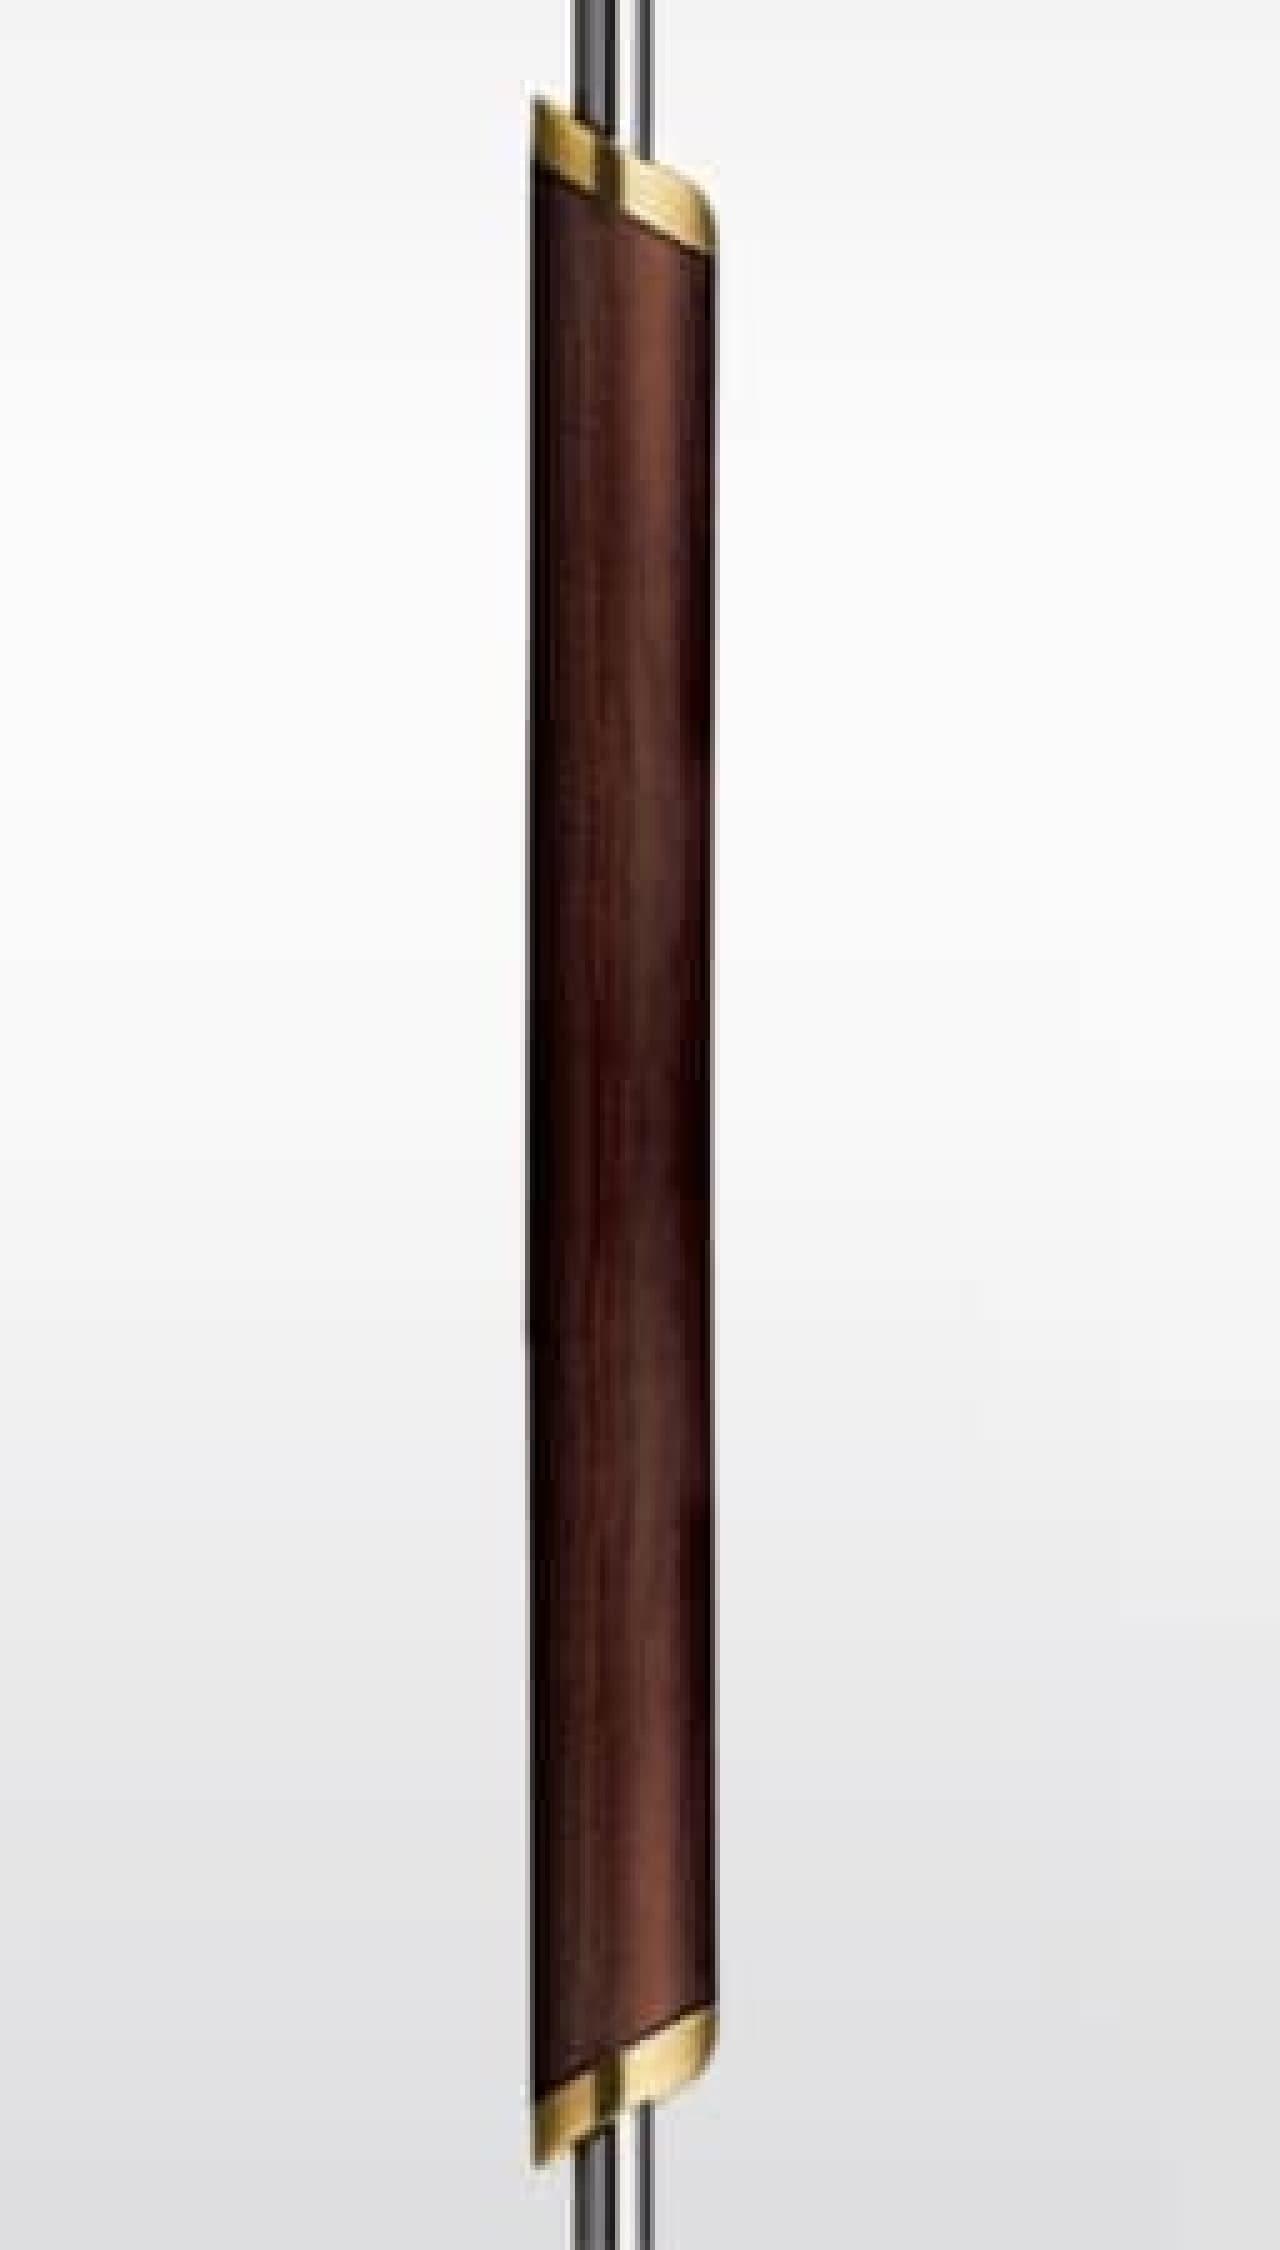 パナソニック、プレミアムリビング扇風機「RINTO(リント)」